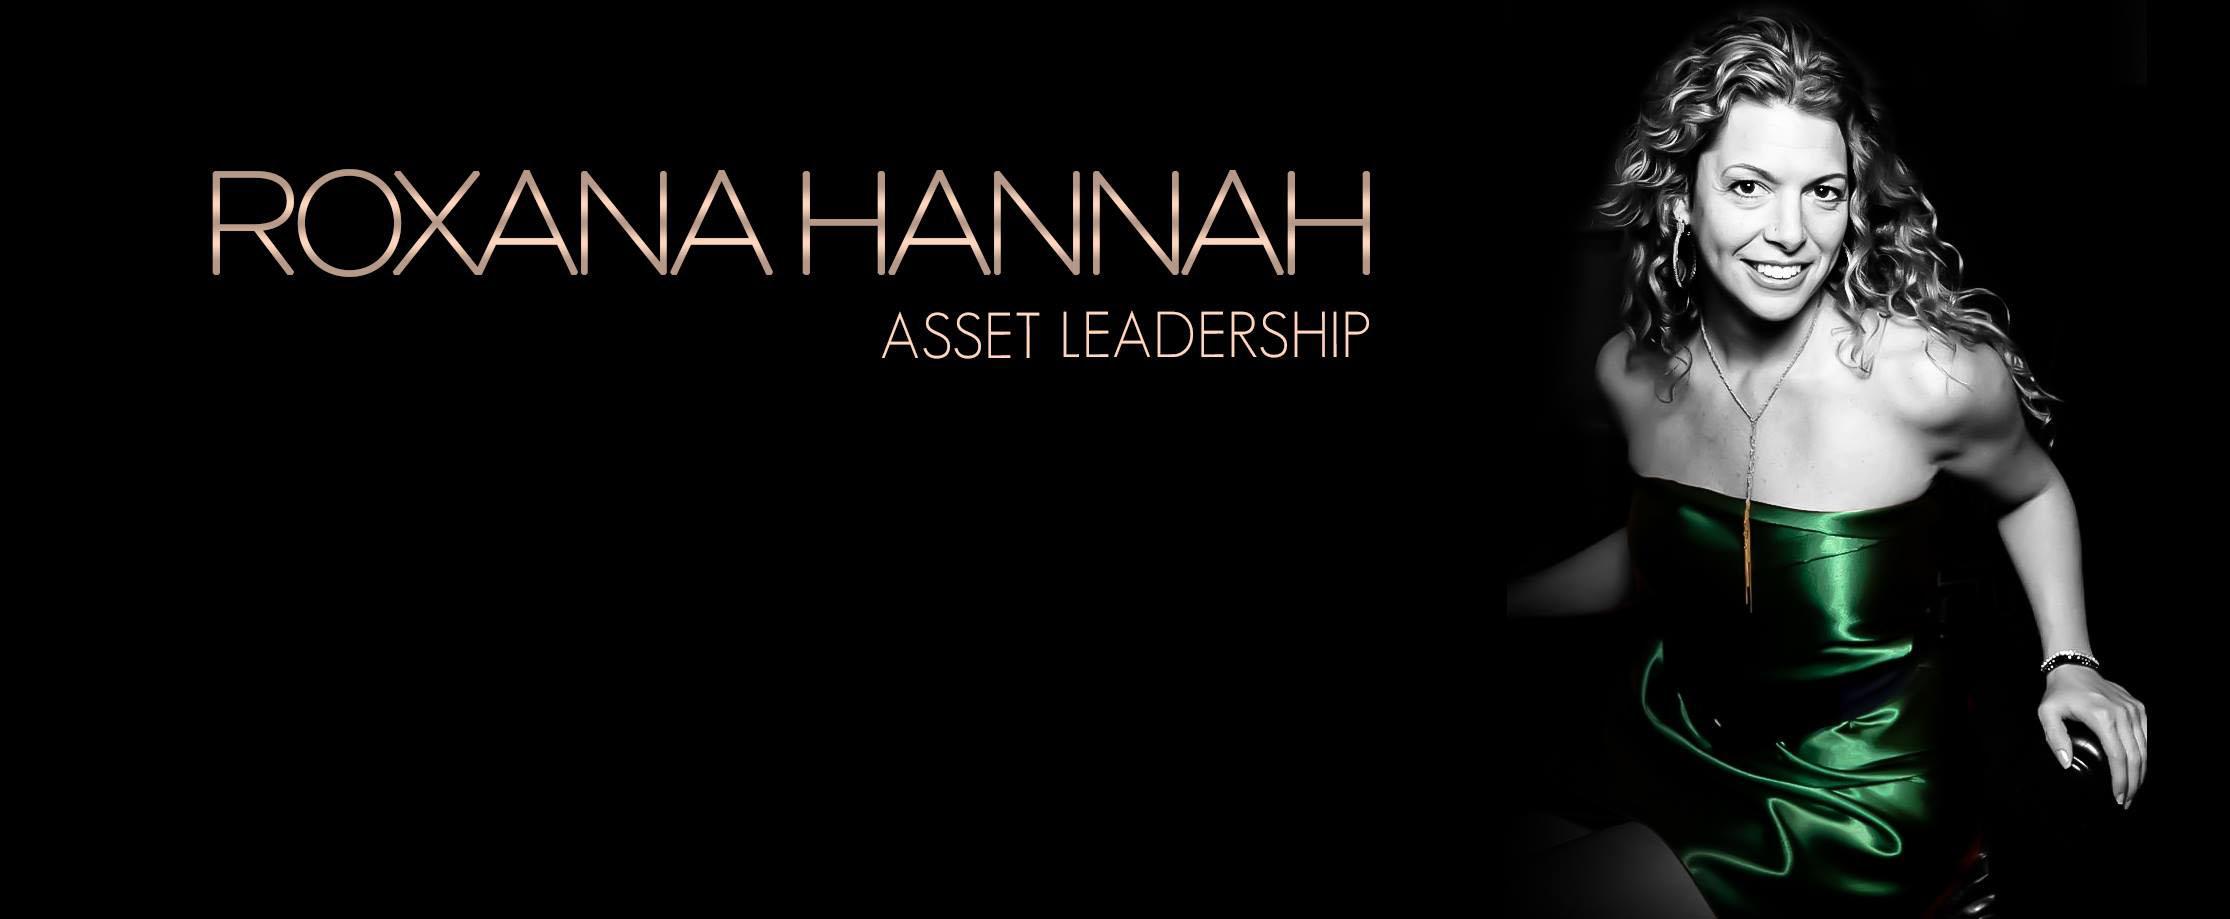 Asset Leadership 104kb